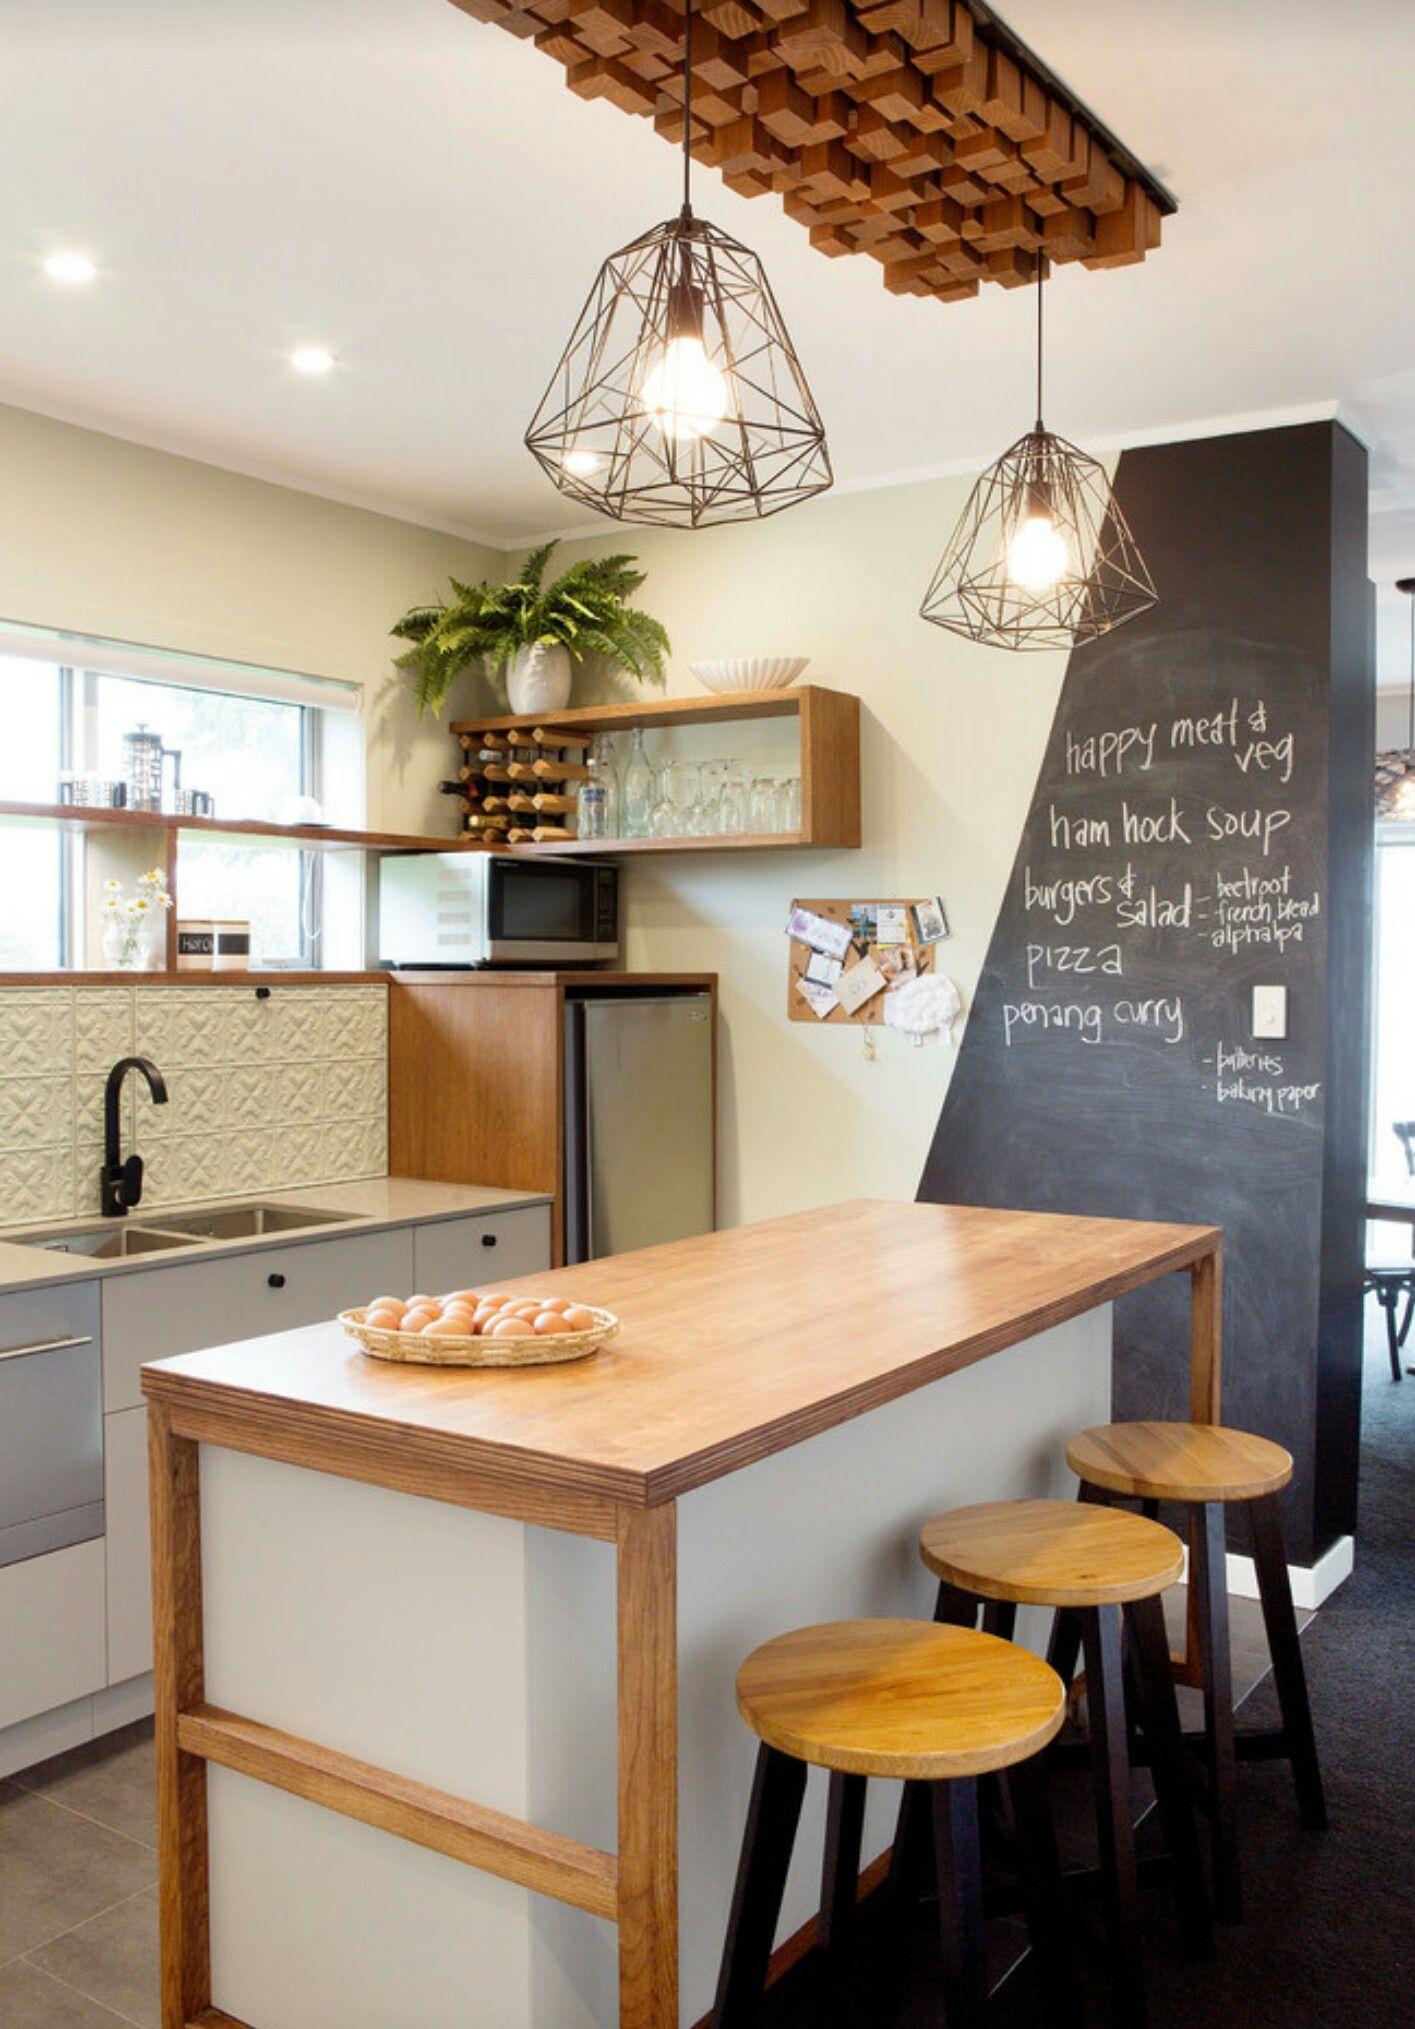 Tudo Nesta Cozinha Lindo E D Pra Utilizar Materiais